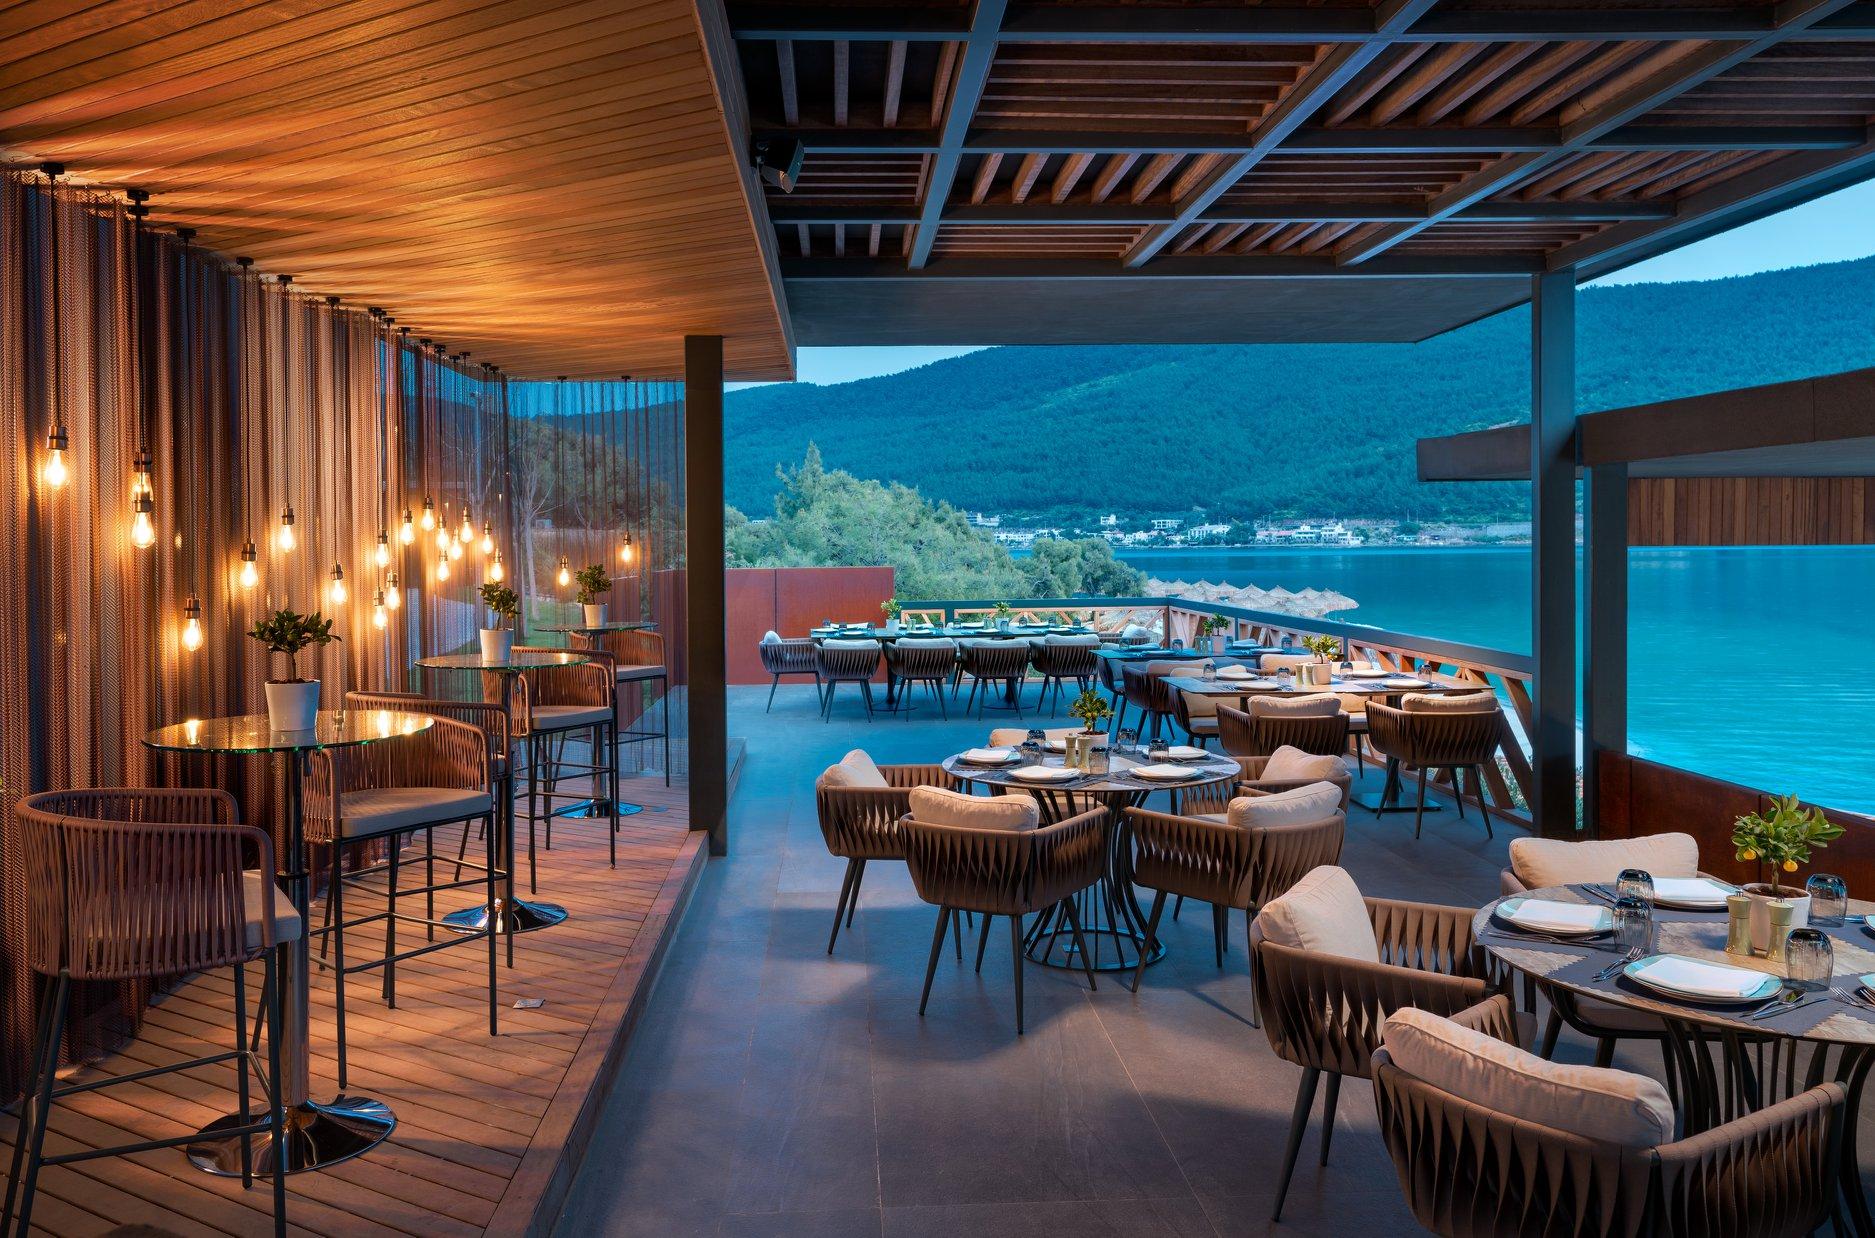 Reštaurácia hotela lujo bordum v turecku